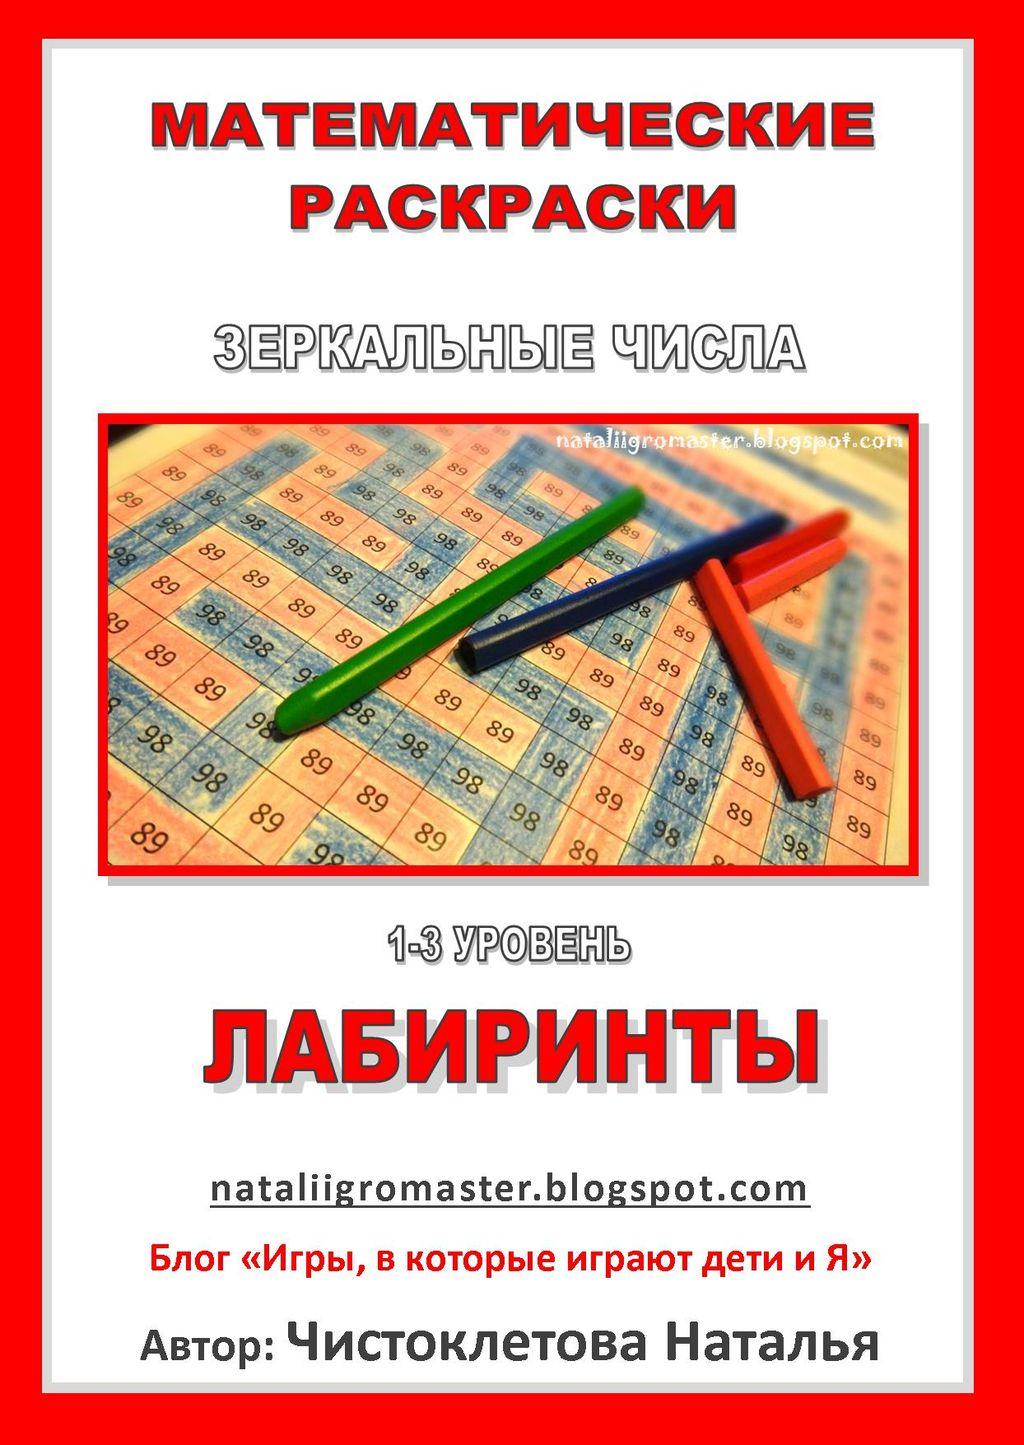 обложка_красные лабиринты_1-3 уровень_nataliigromaster.jpg